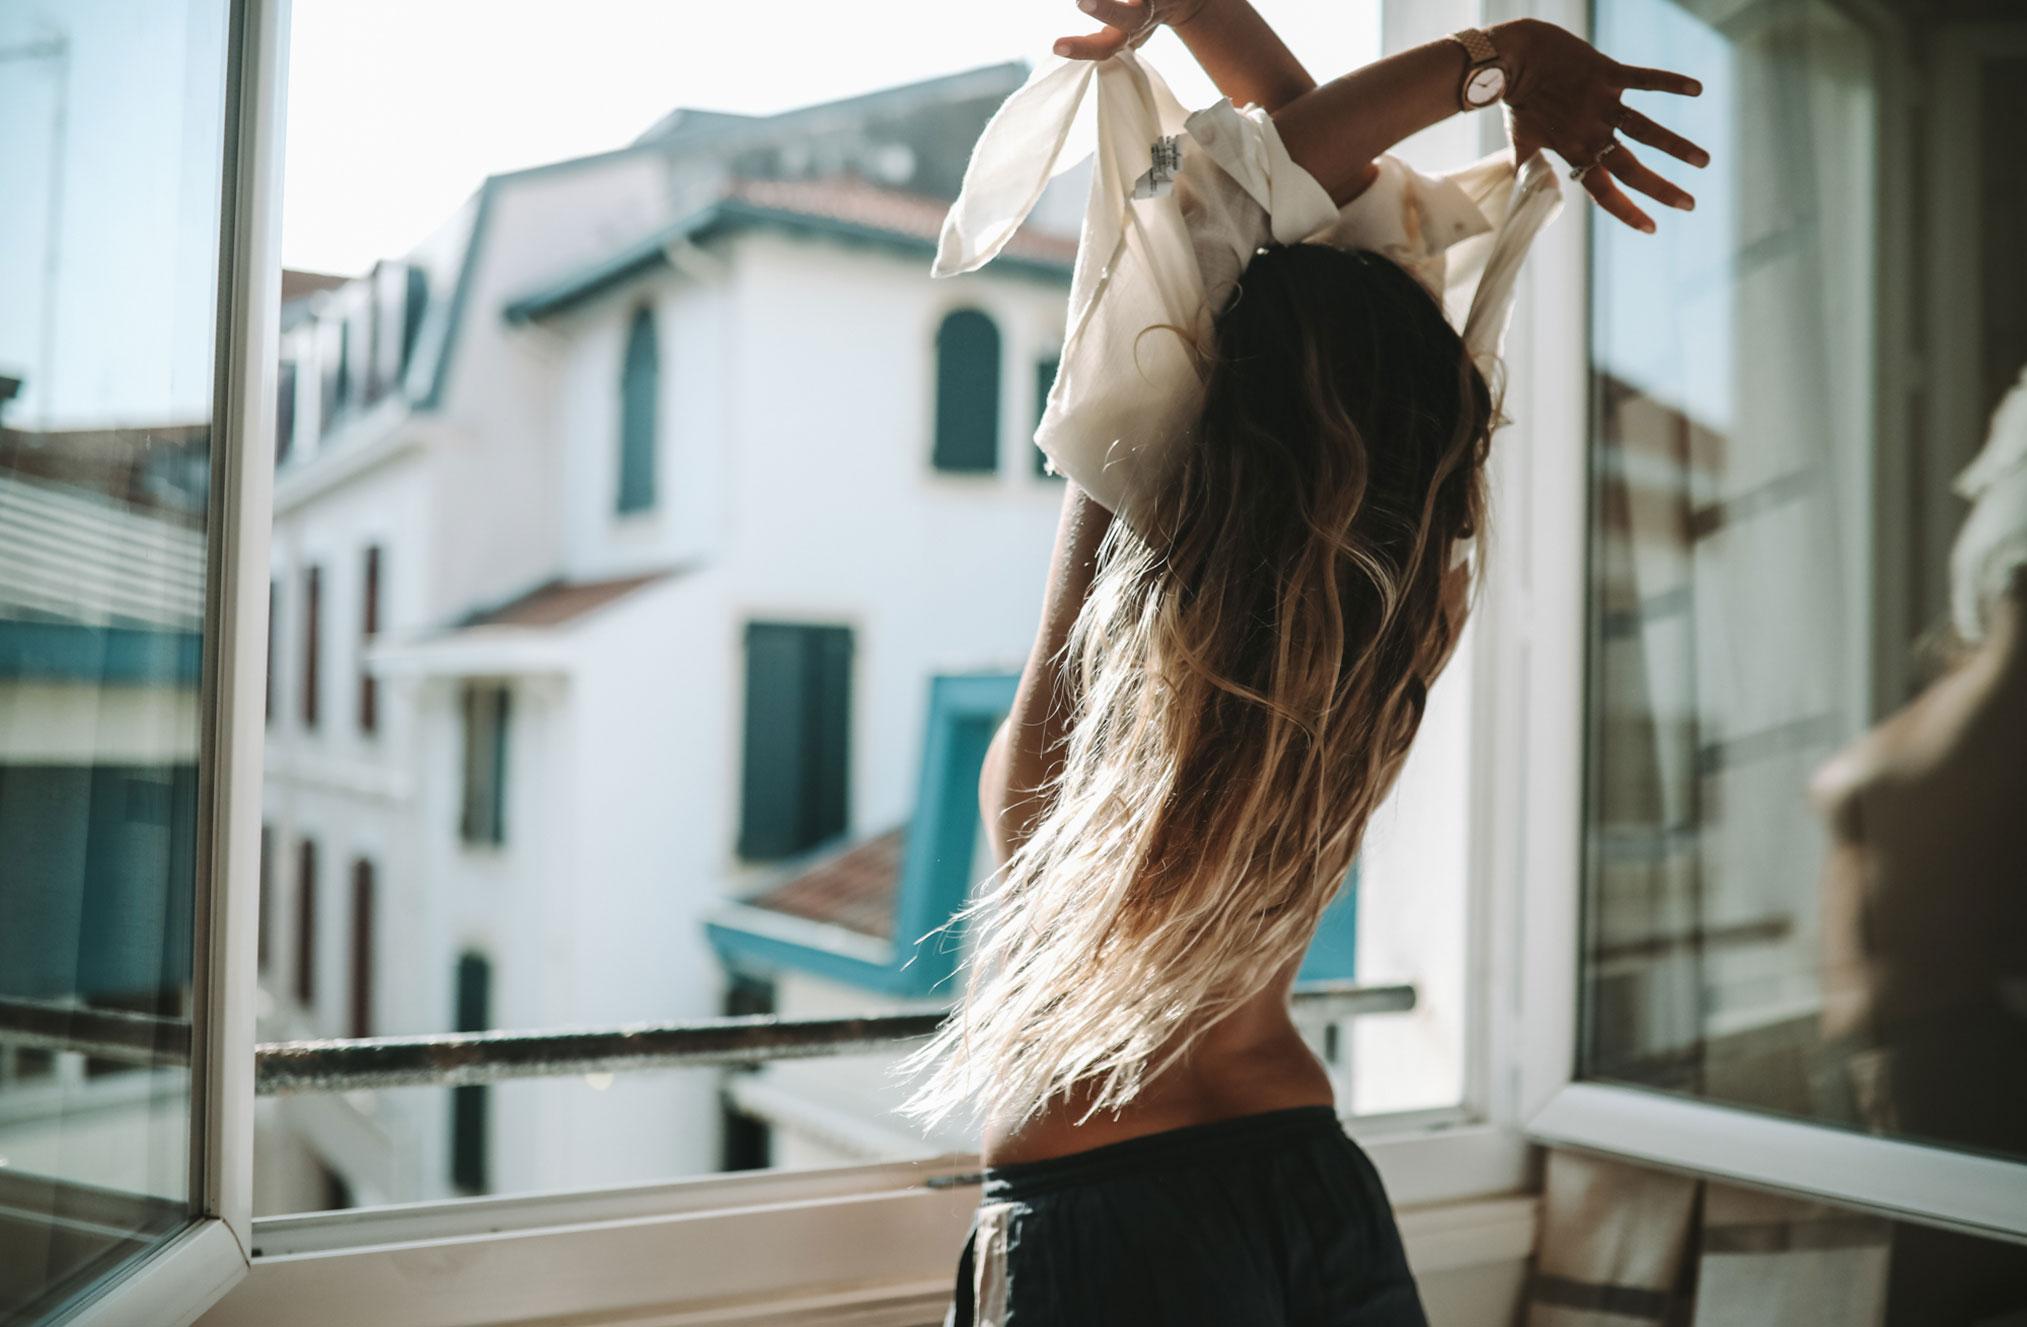 Ева Грейв в отеле Cosmopolitain в Биаррице / фото 01